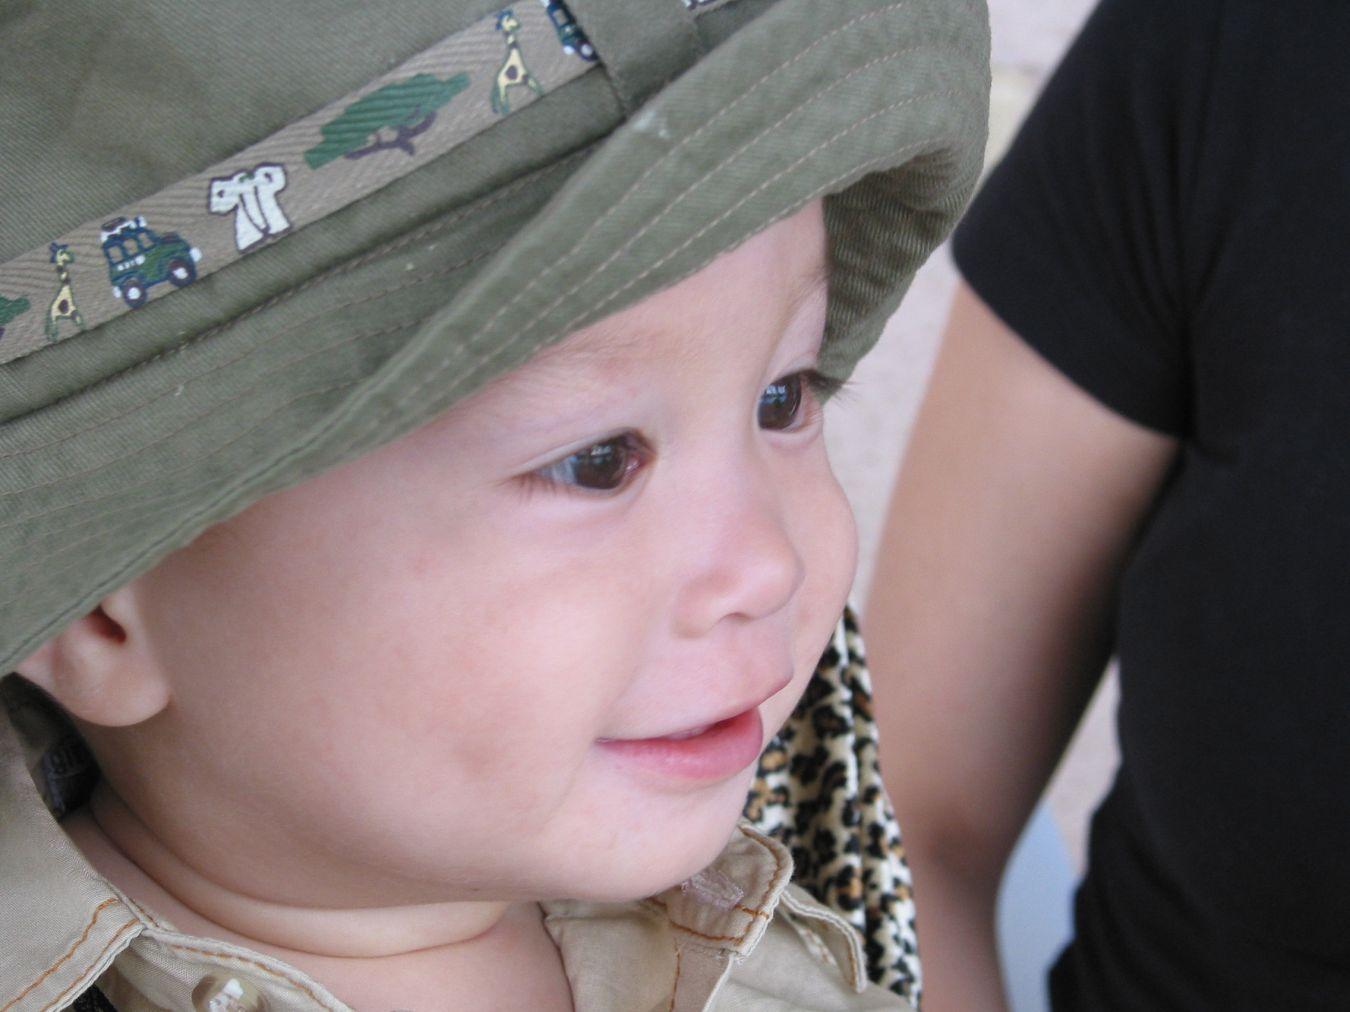 Elijah as a 1 year old